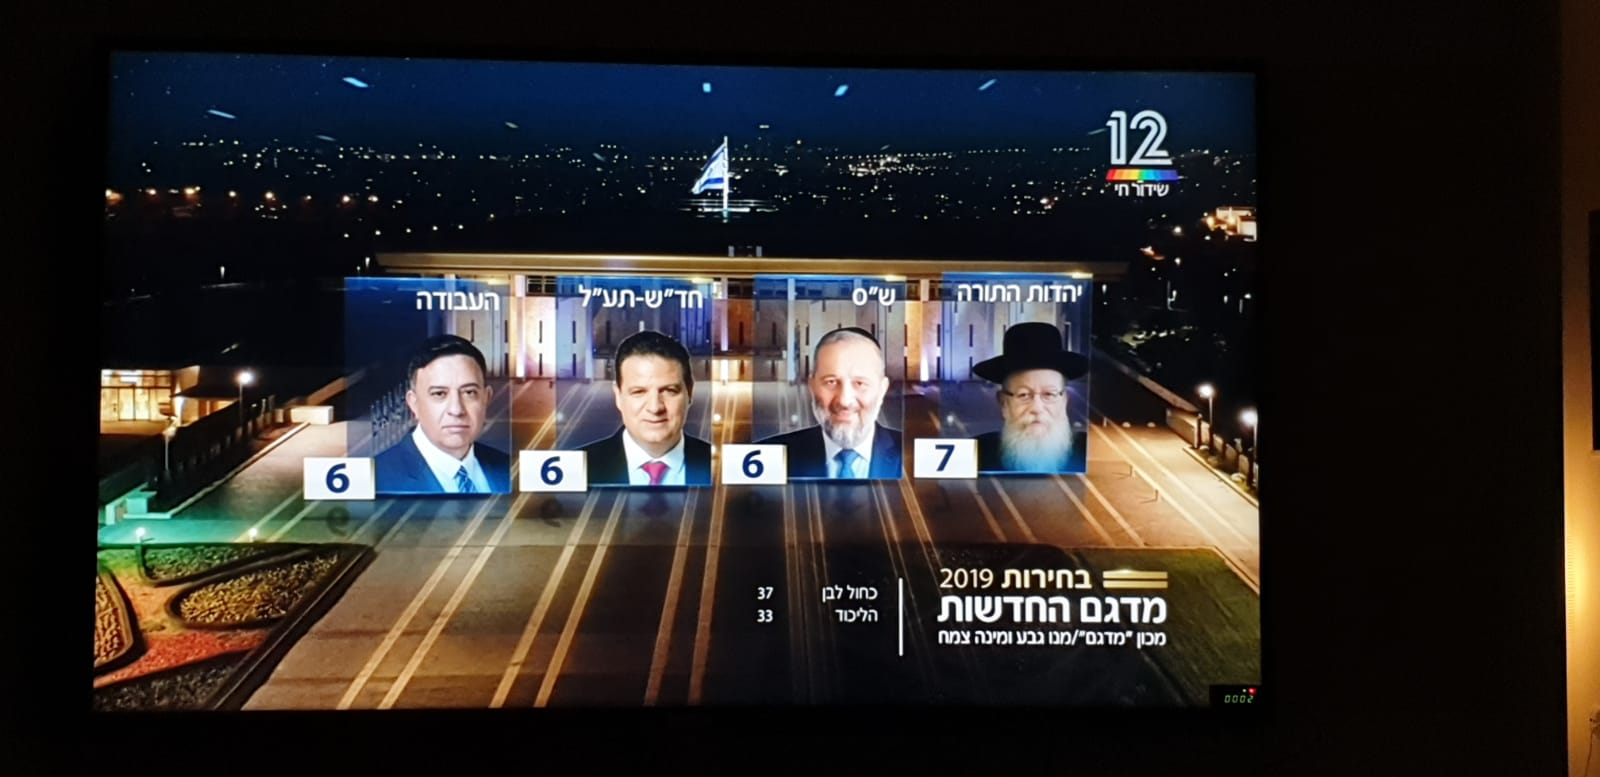 نتائج أولية لانتخابات الكنيست - كاحول لافان يتفوّق على الليكود